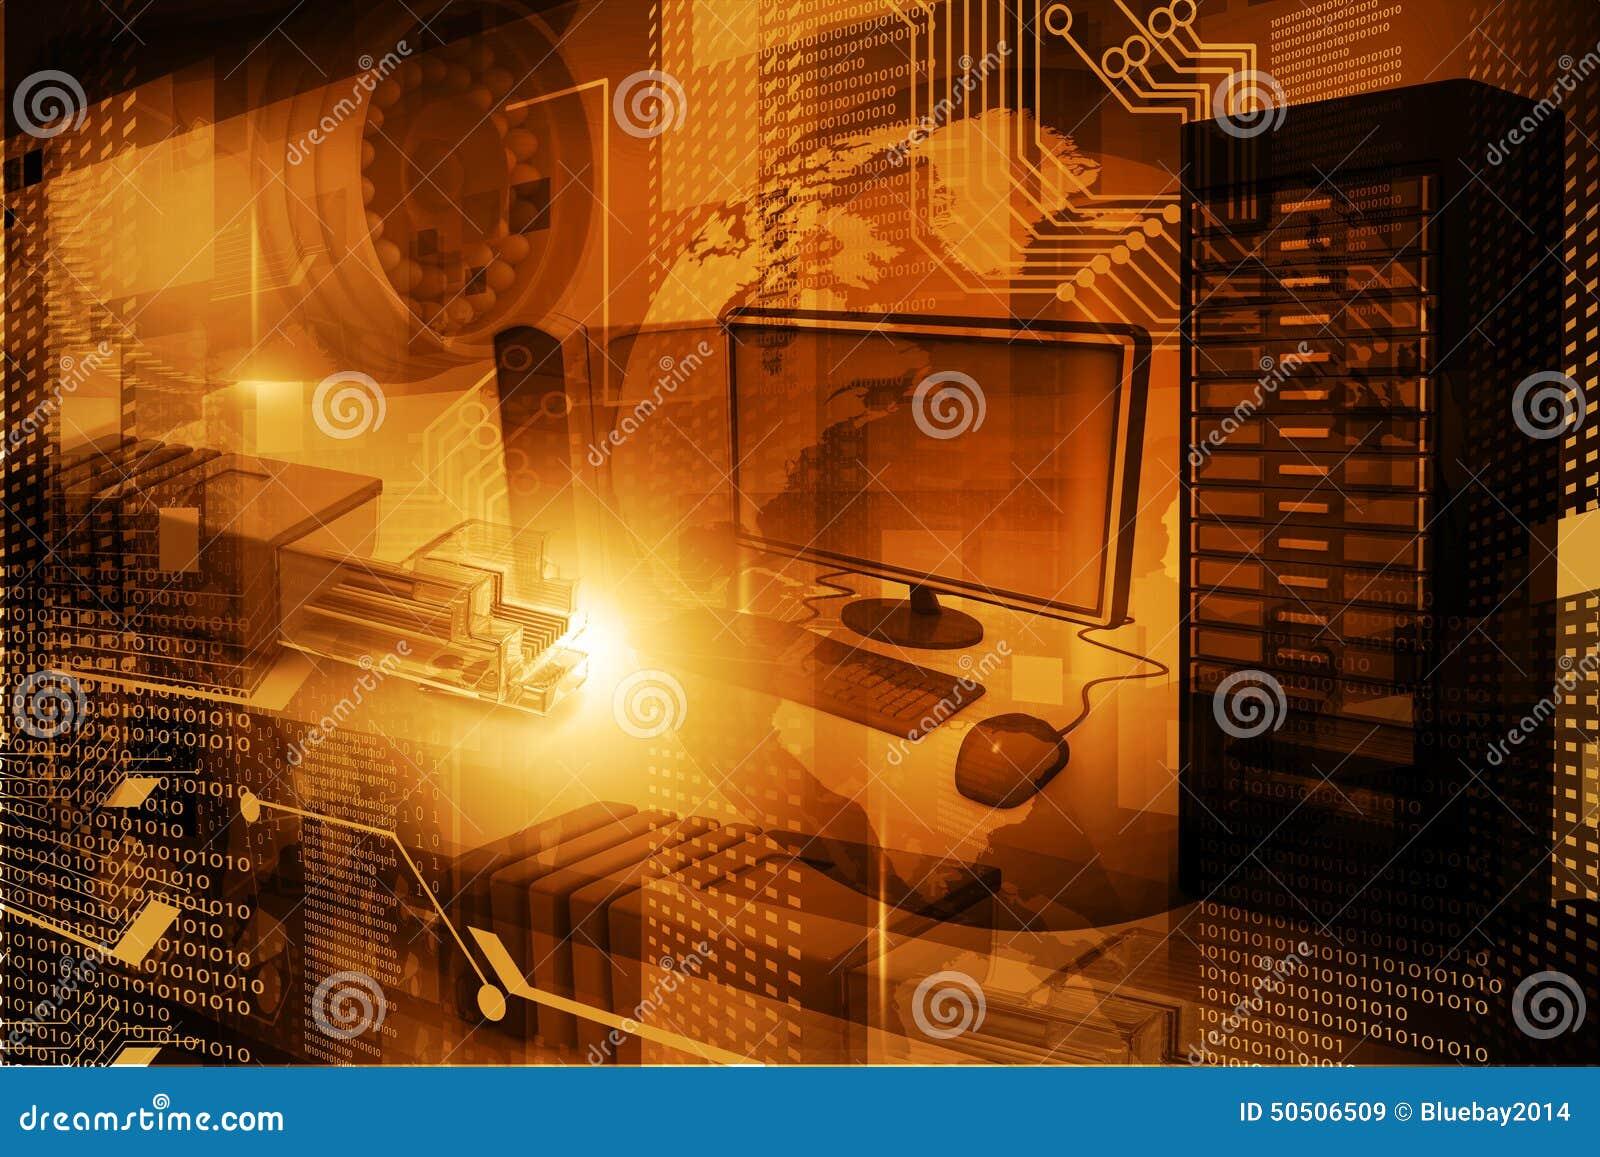 Moderner Digitaltechnikhintergrund